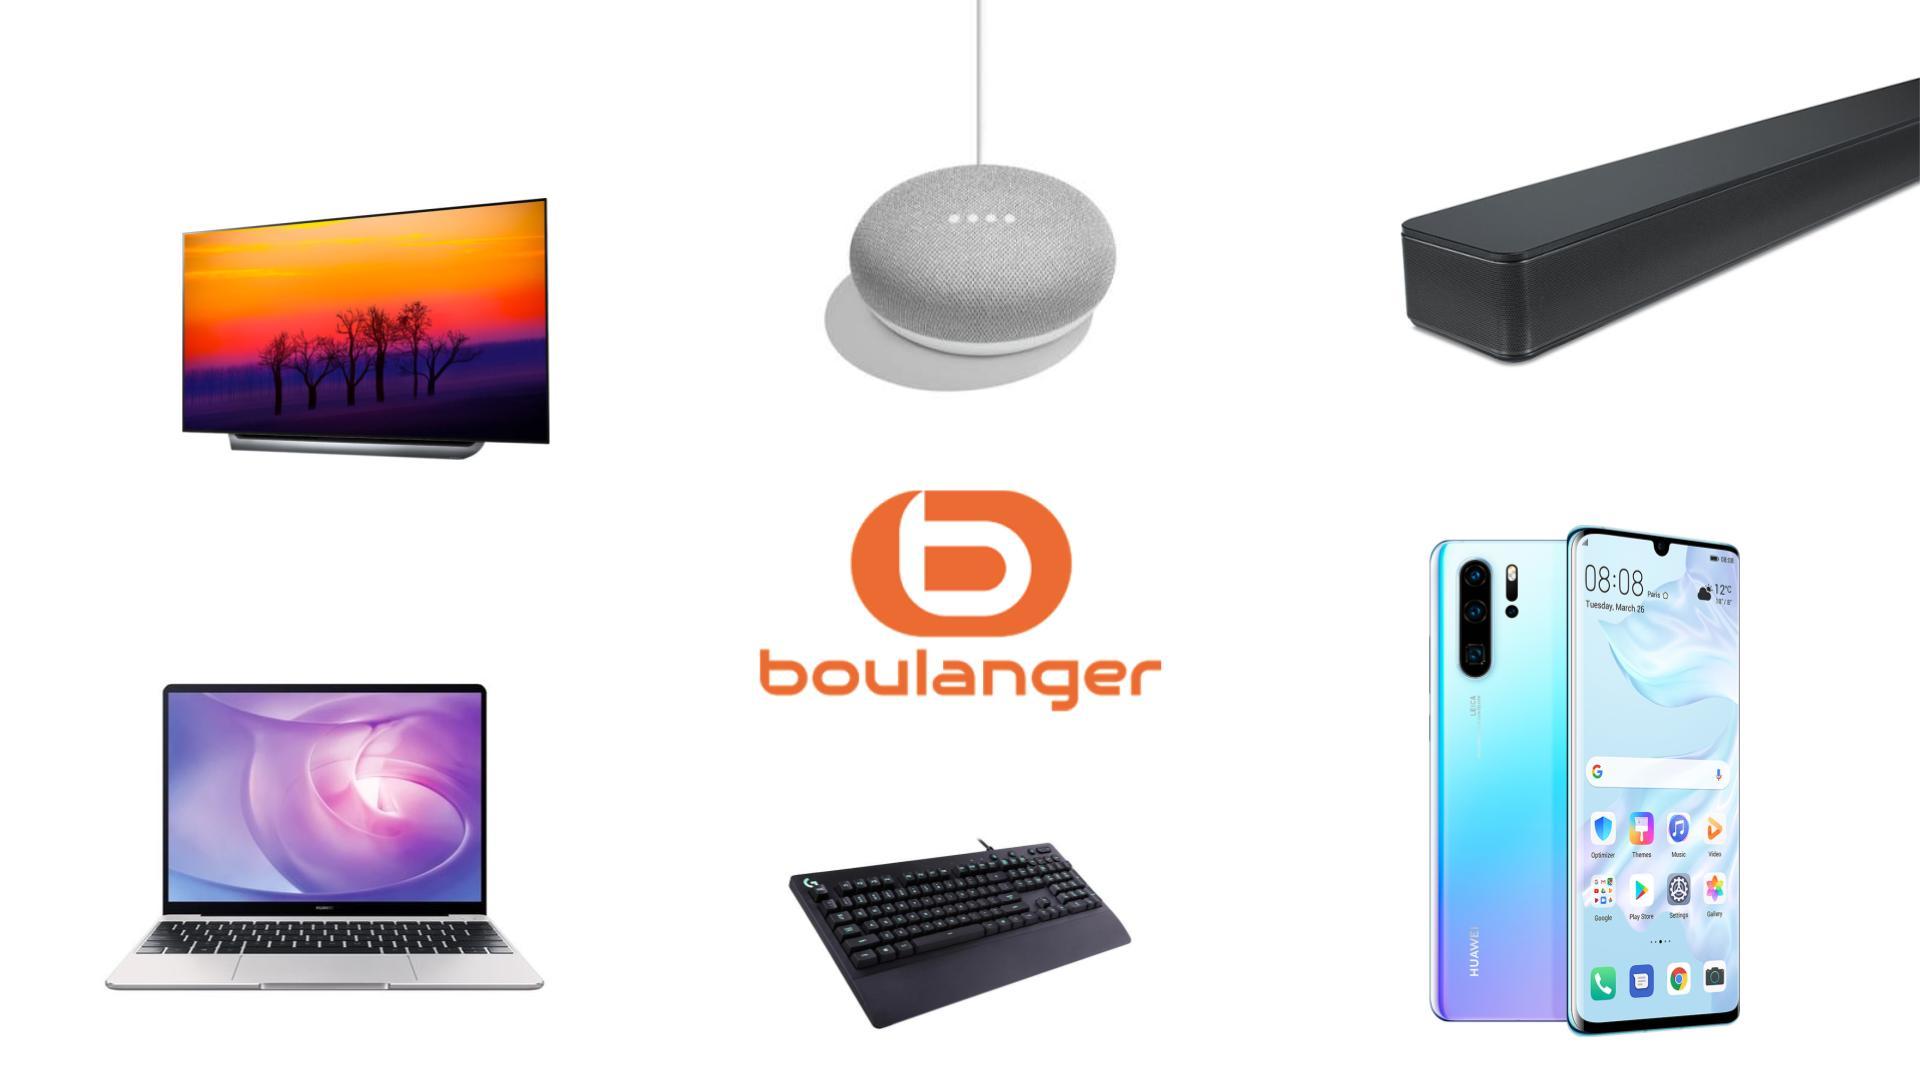 Voici les meilleures offres tech de Boulanger pour les French Days 2019